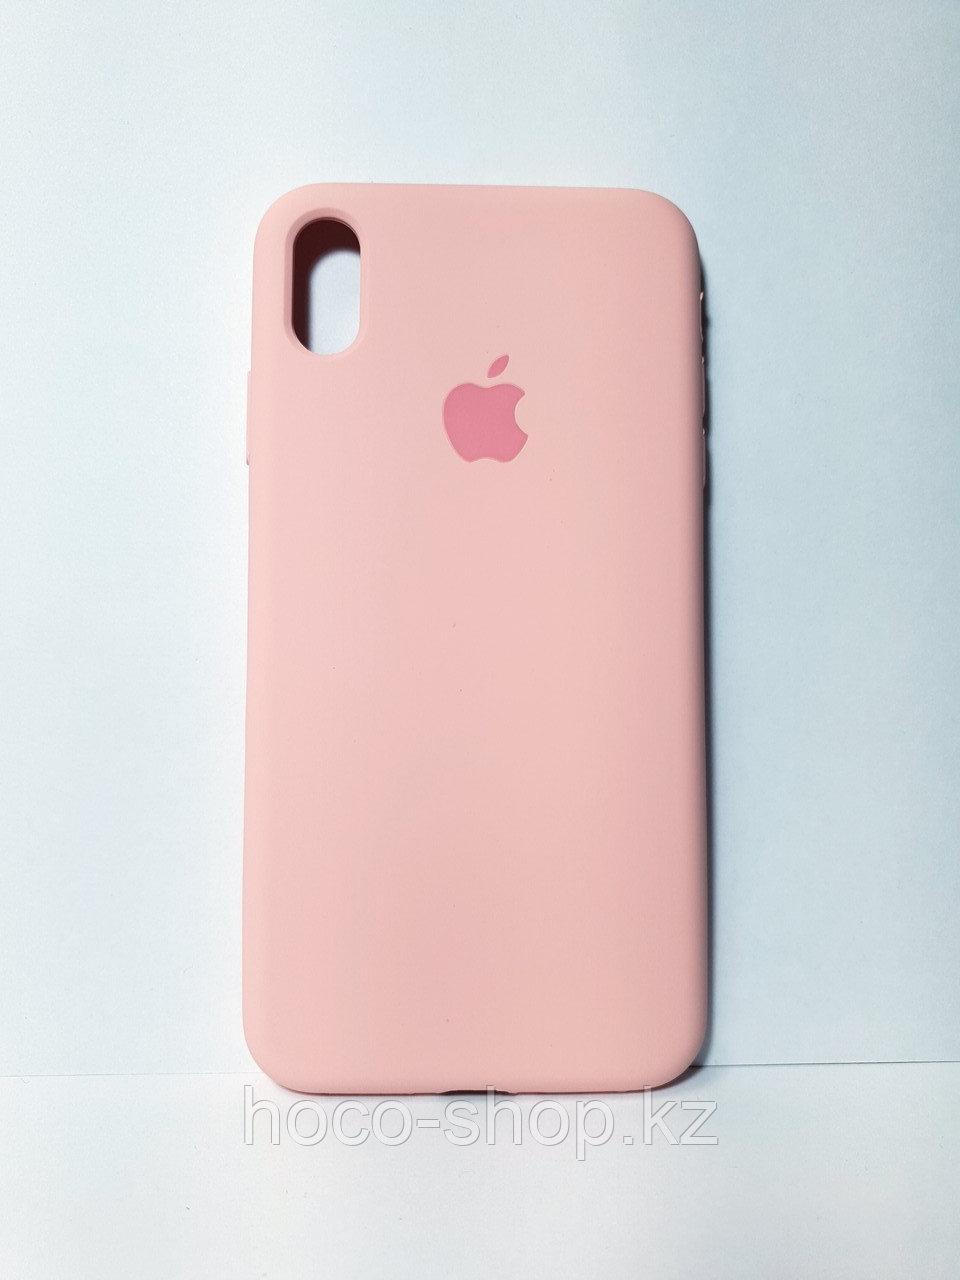 Защитный чехол для iPhone Xs Max Soft Touch силиконовый, розовый